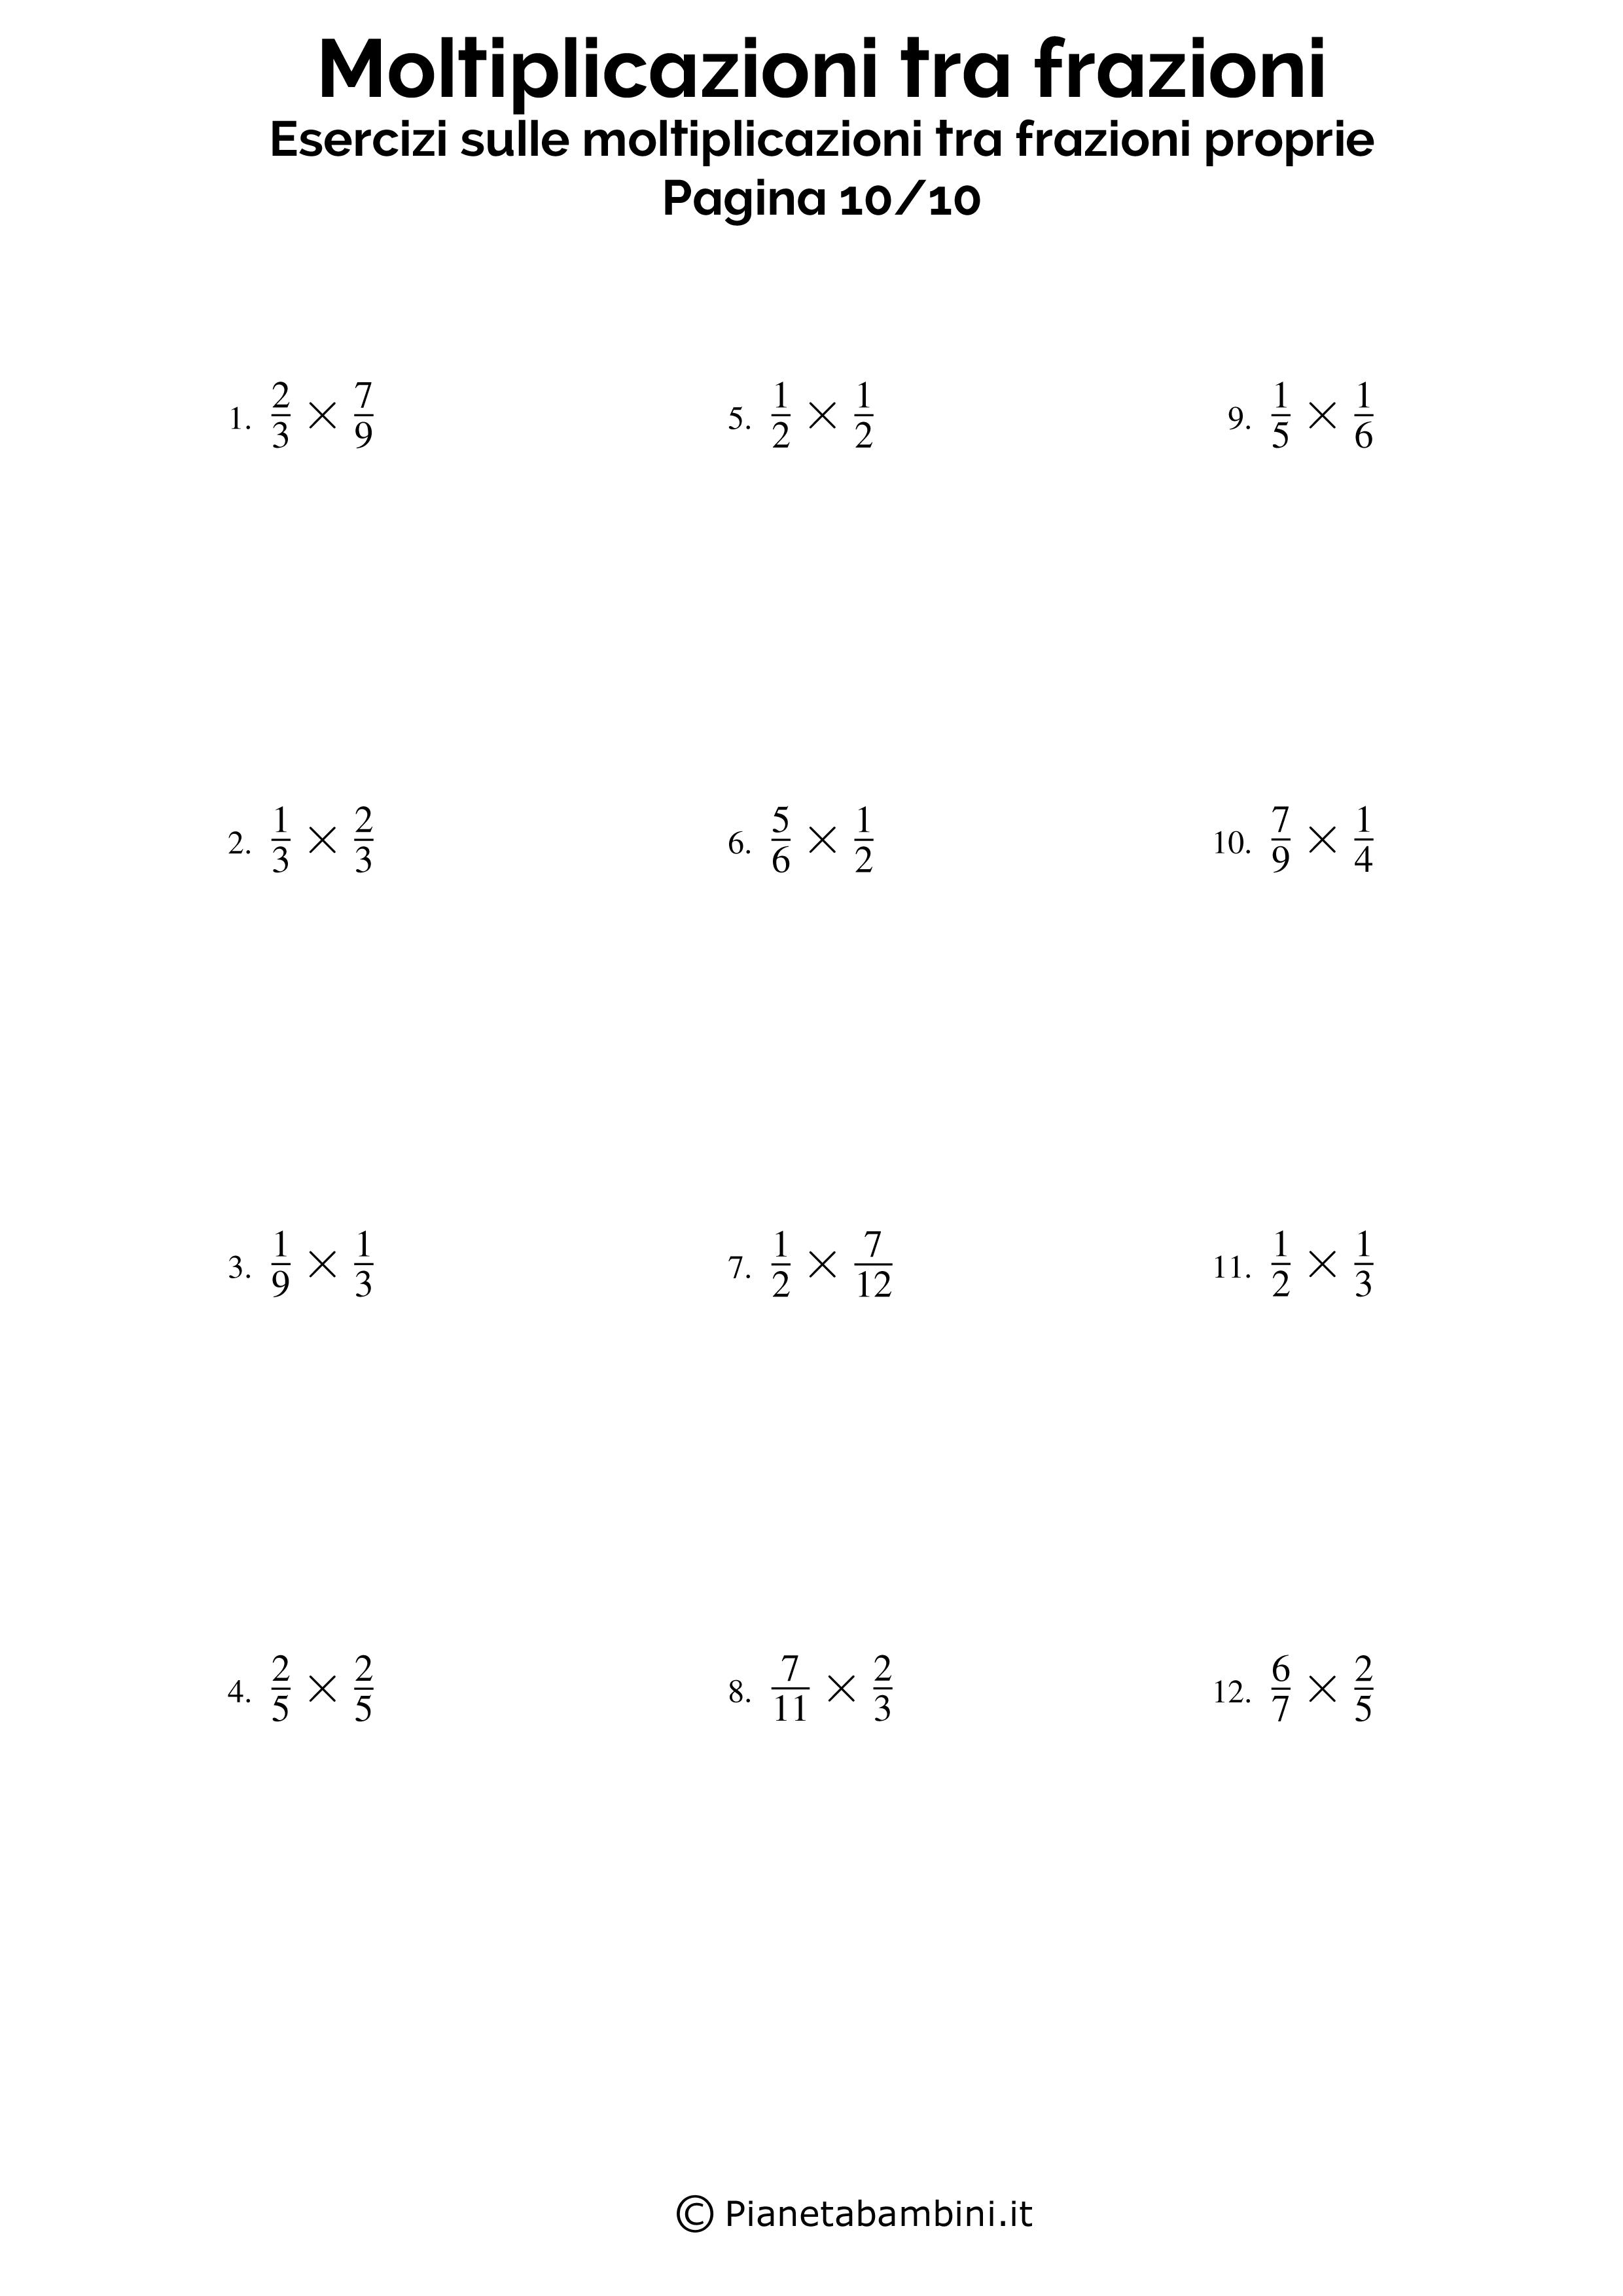 Moltiplicazioni-Frazioni-Proprie_10